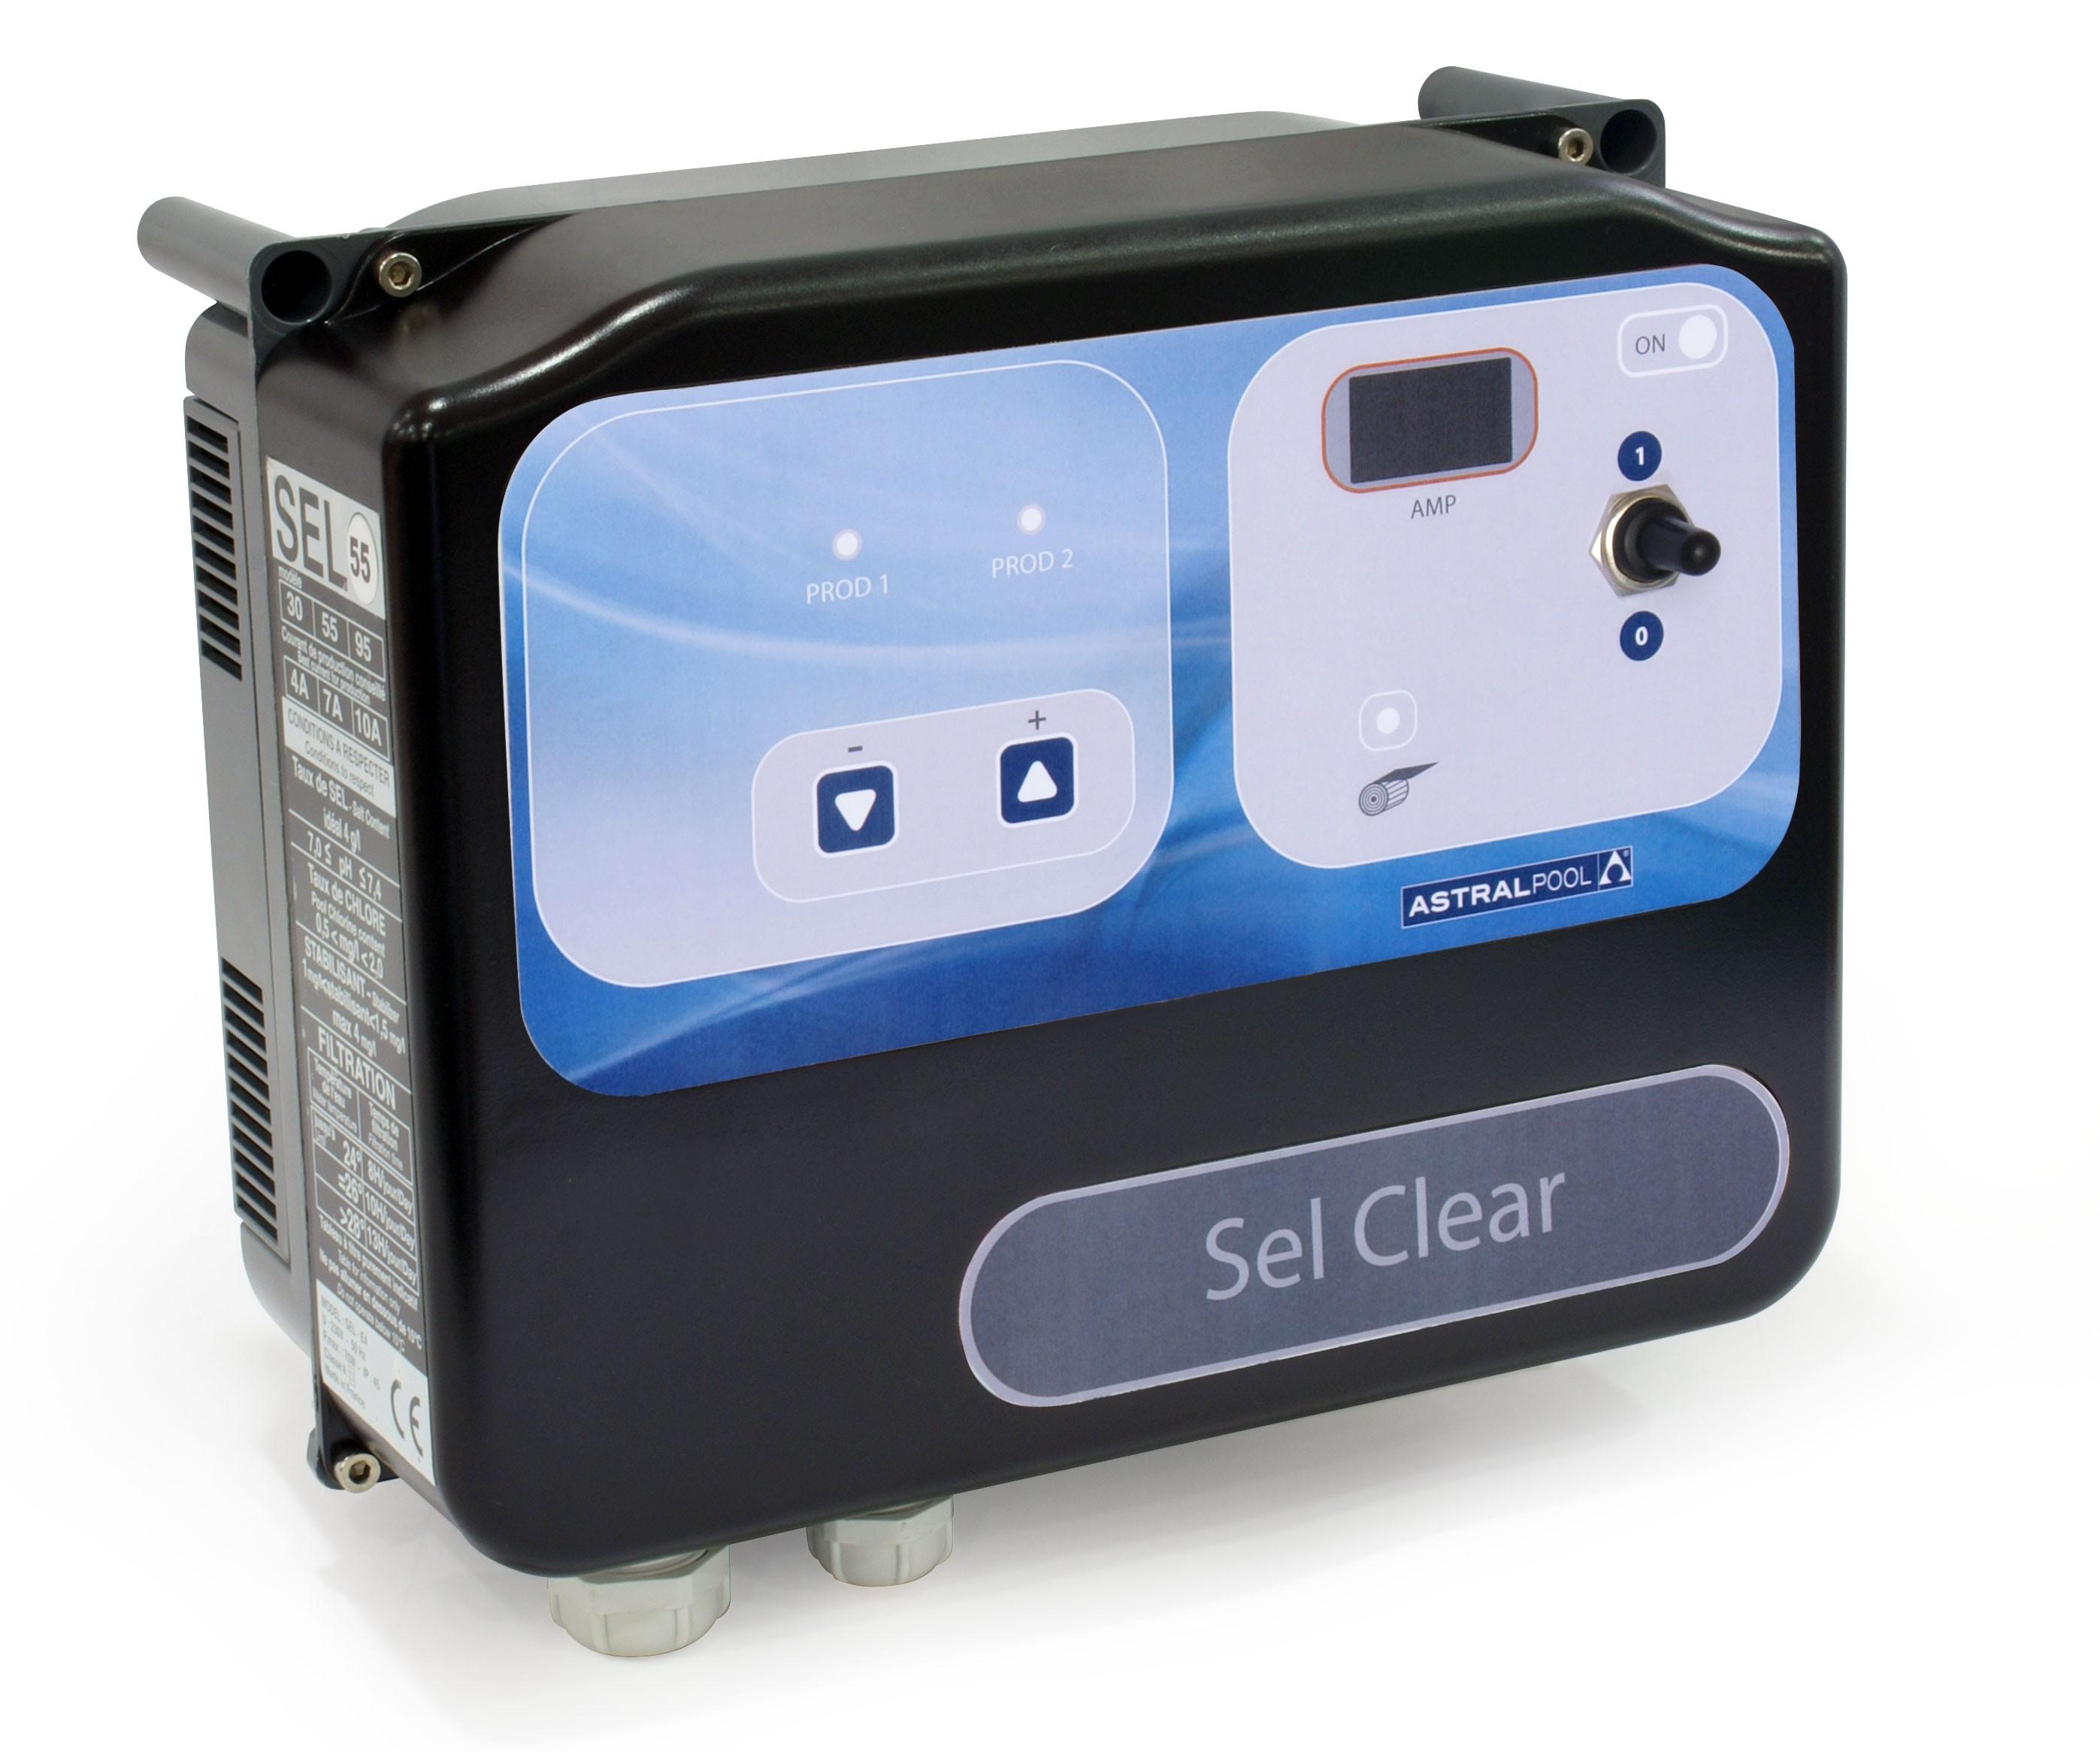 Astralpool sel clear clorador salino piscinas ferromar - Precio clorador salino ...